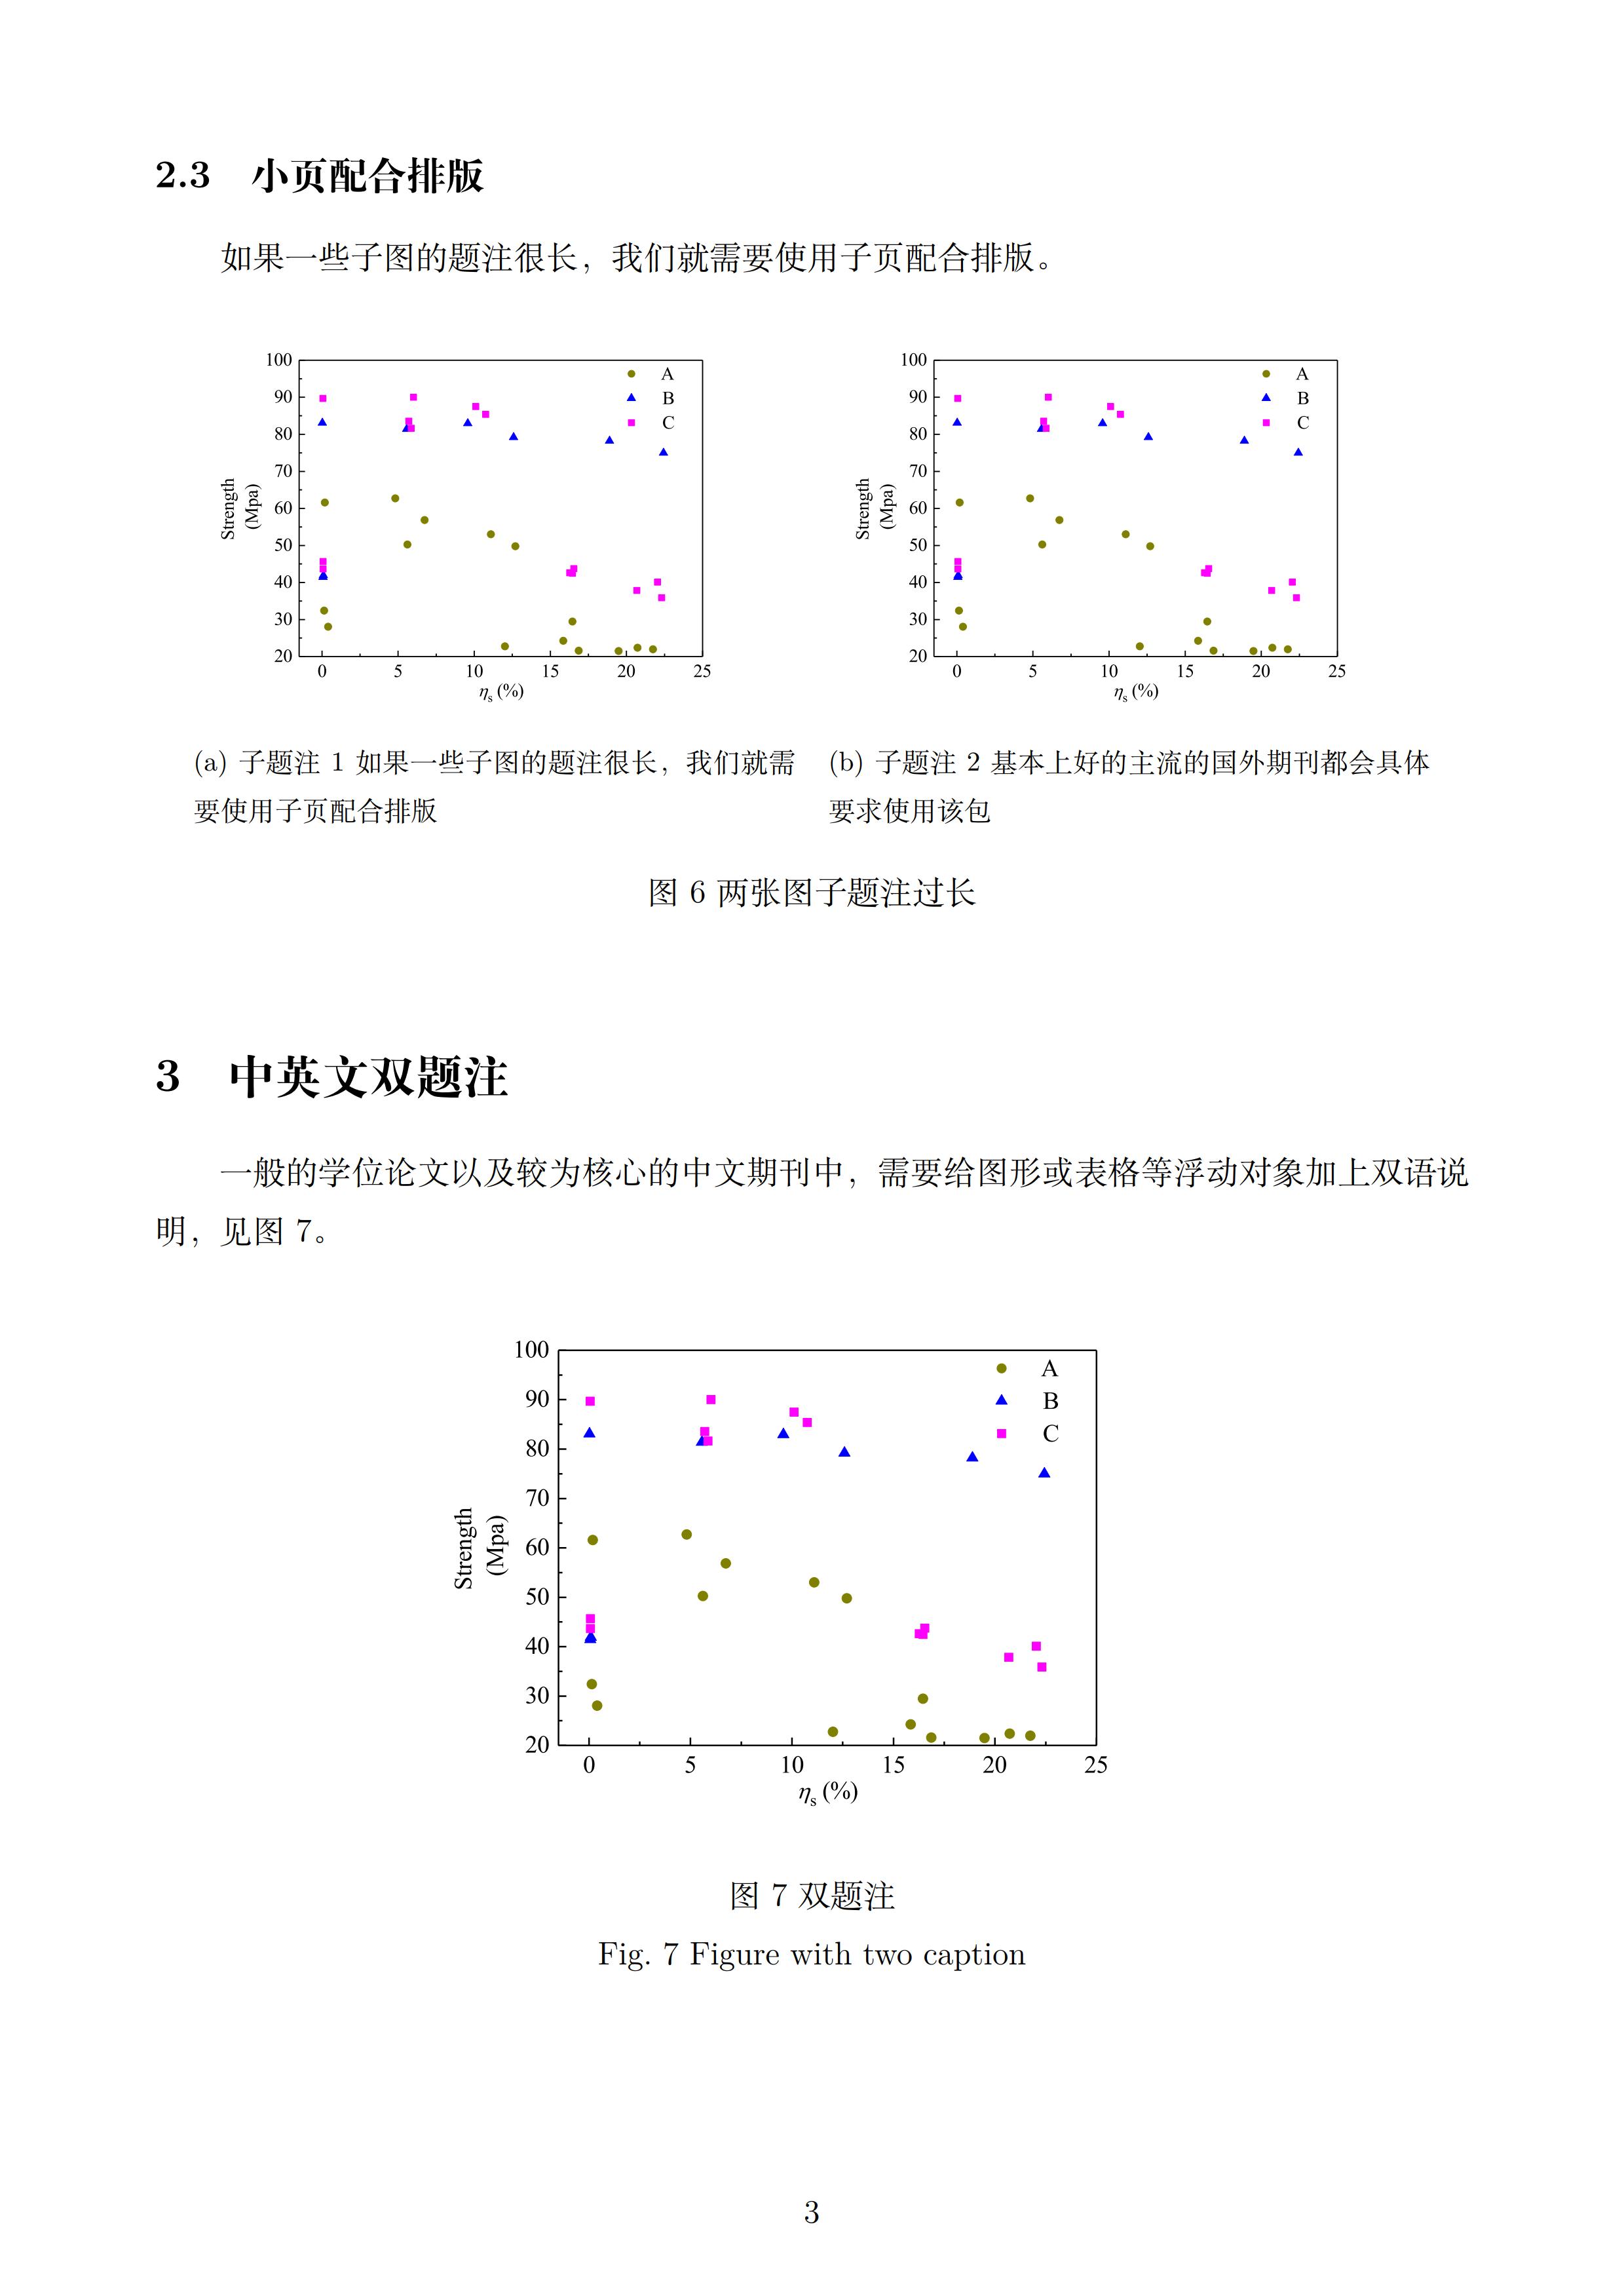 LaTeX排版图与子图示例(含子题注与中英文双题注示例)